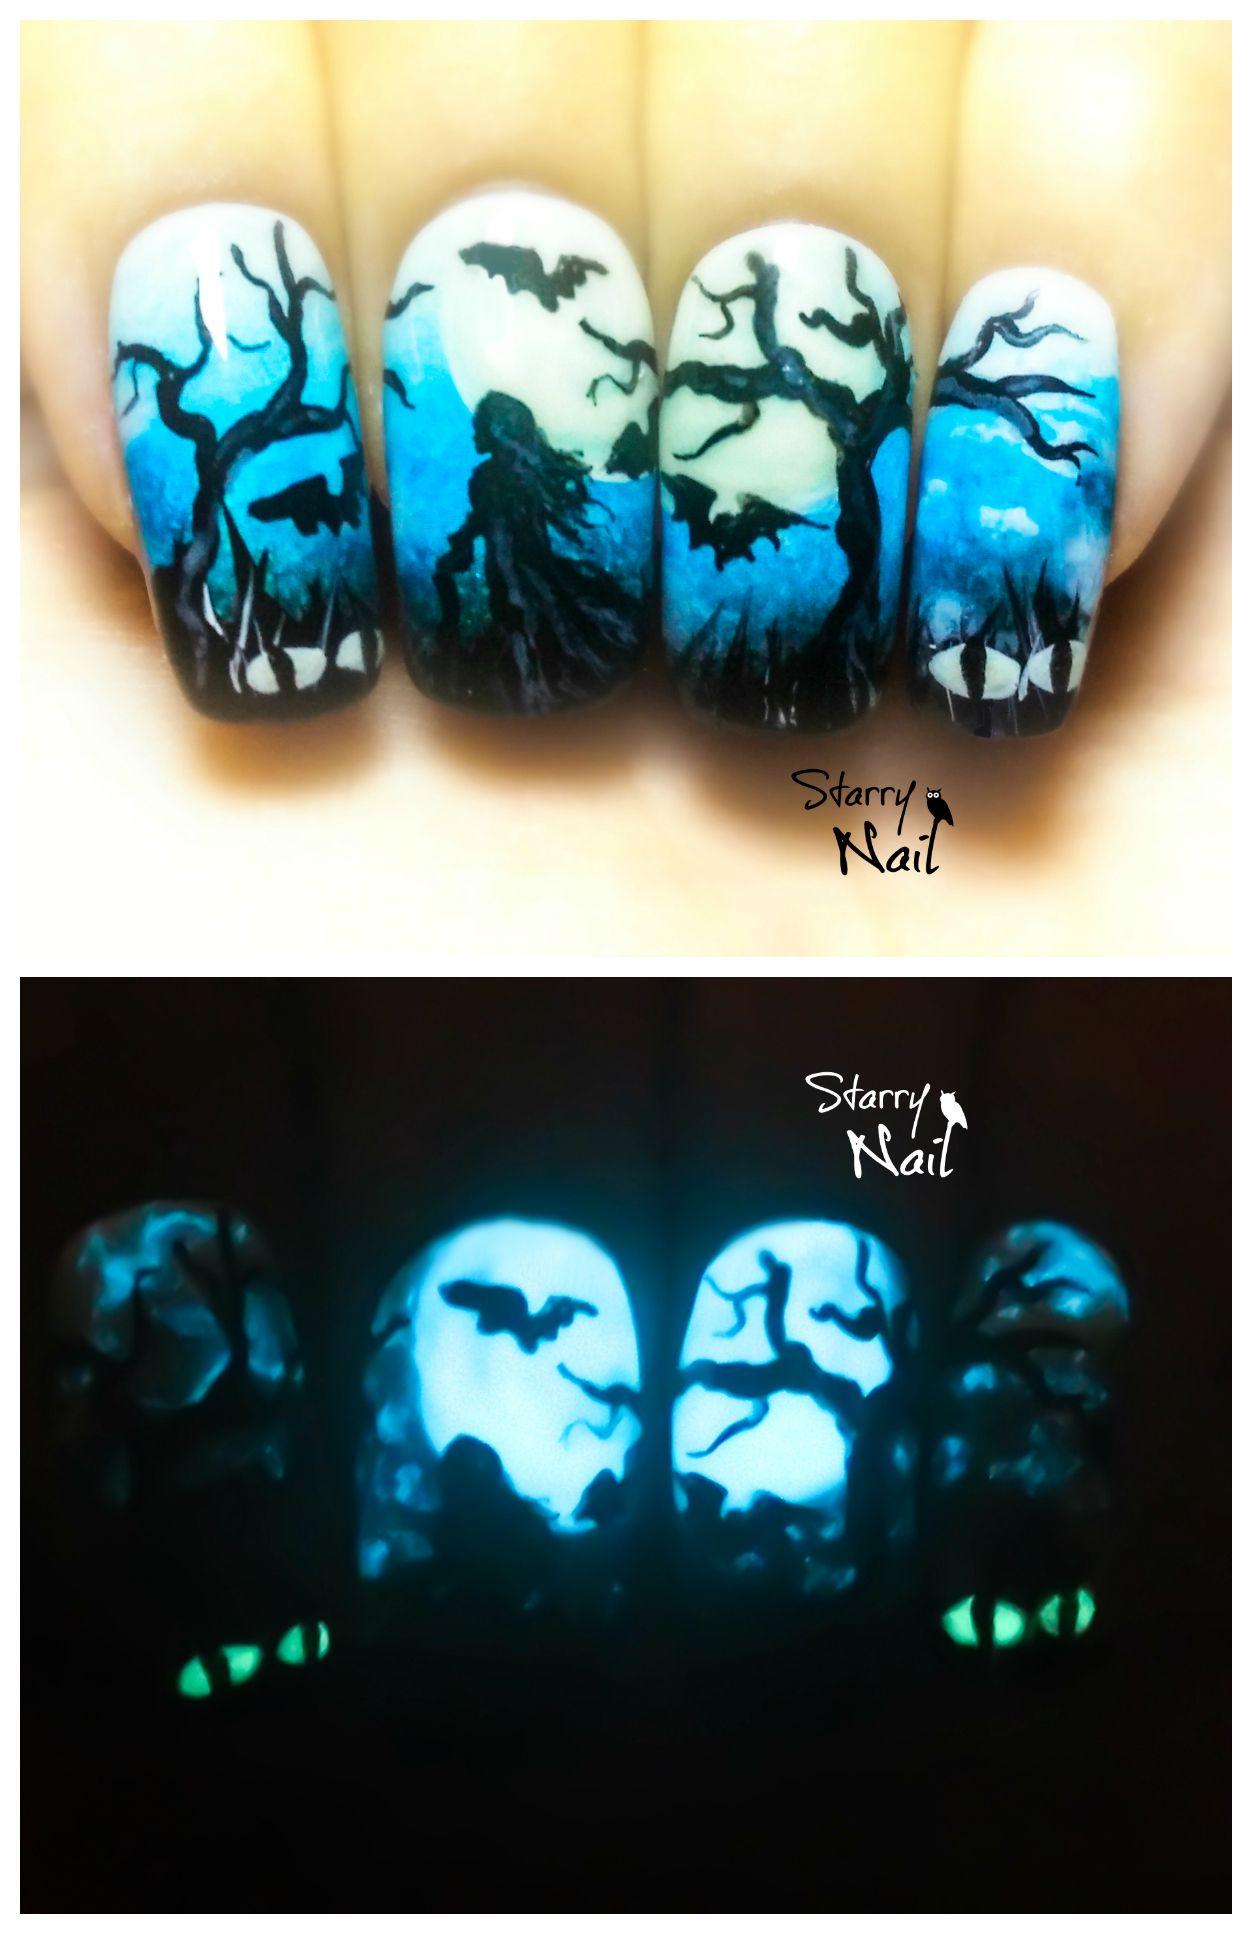 glow in the dark painting tutorial